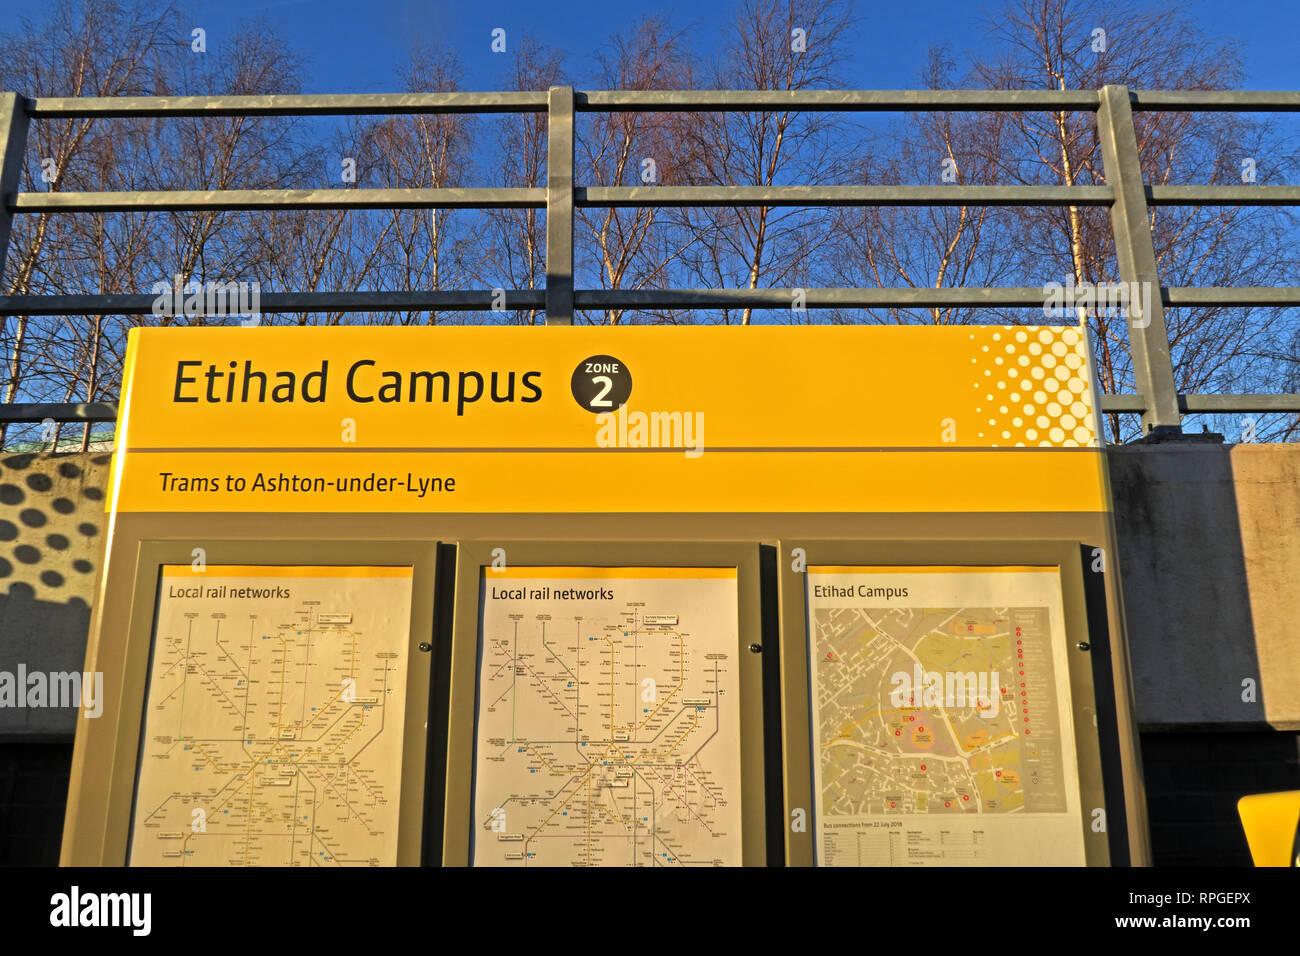 Etihad Campus Metrolink Stadium tram stop - Stock Image